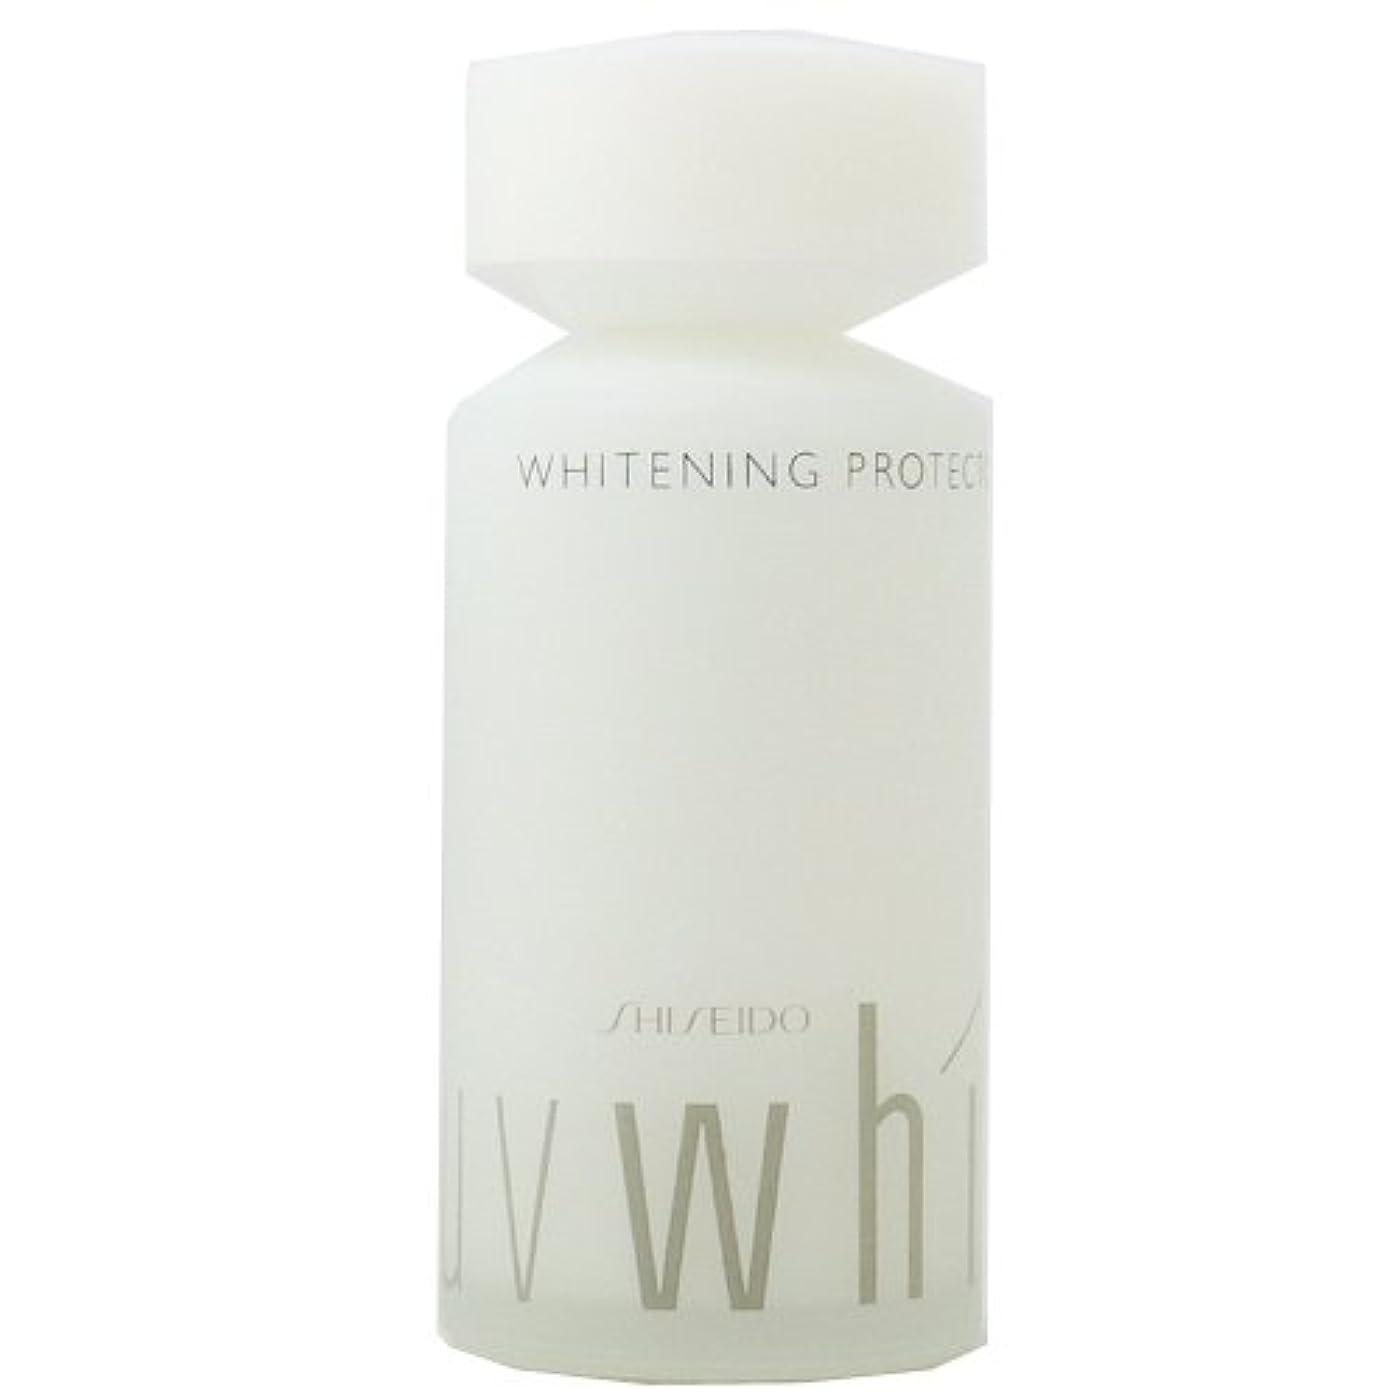 香水降臨ヘッドレス資生堂 UVホワイト ホワイトニング プロテクター SPF15 PA++ 75mL 【並行輸入品】 II (在庫)